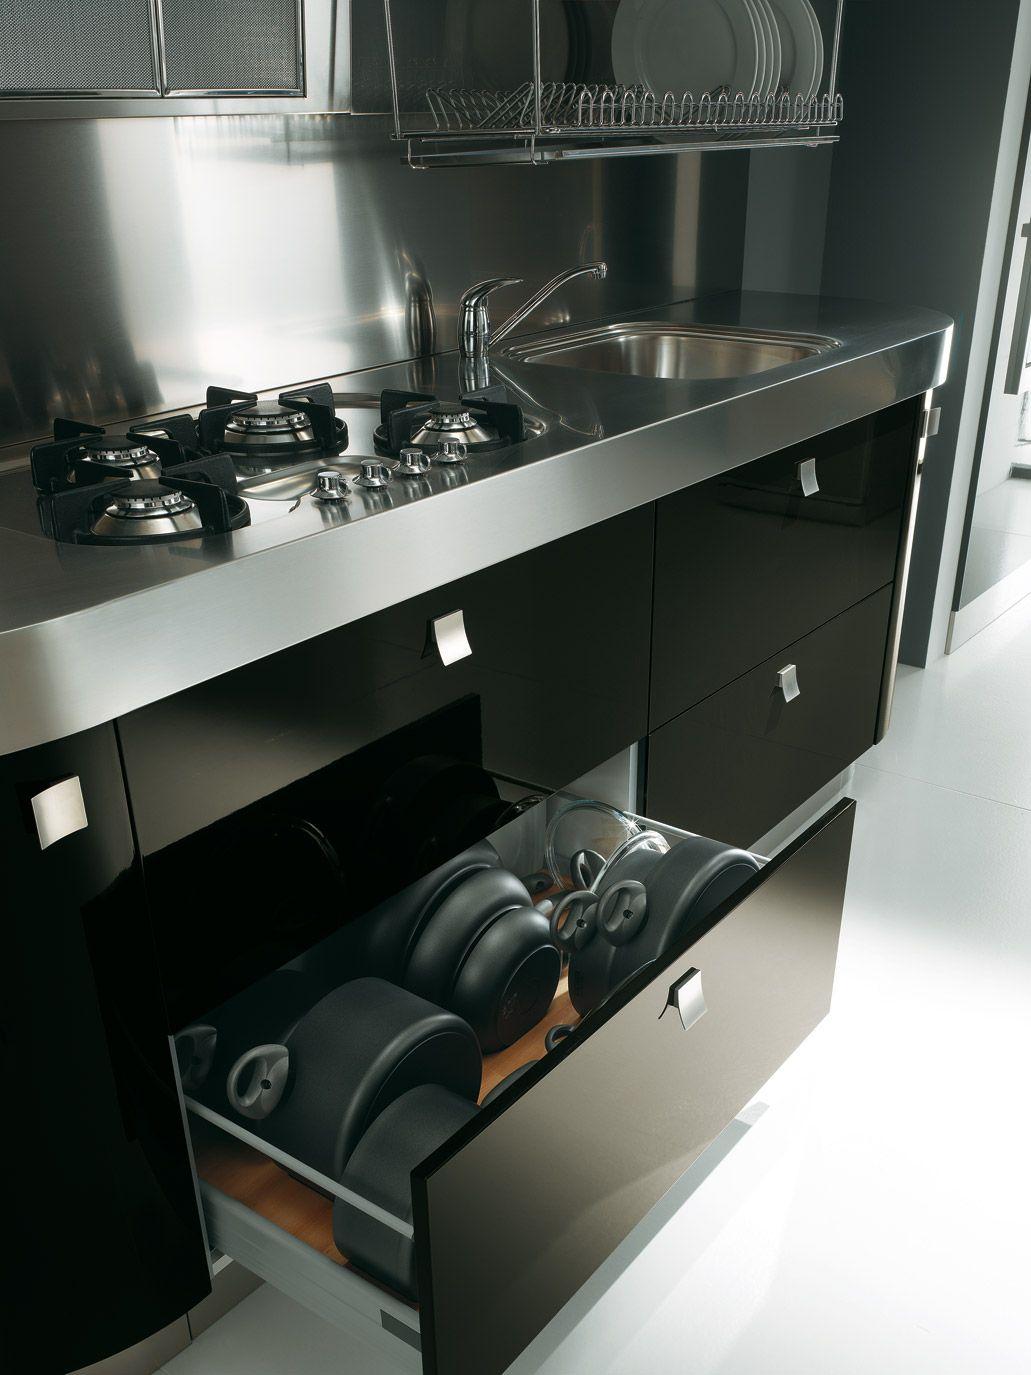 Le nostre cucine sono studiate per darvi il meglio del design insieme alla funzionalità! Tutti gli spazi sono progettati per vivere la cucina al meglio! Tutti i CASSETTI e CESTONI si compongono di un #carrello di scorrimento con rulli in tecnopolimeri e chiusura automatica Blumatic. Tutti sono ad estrazione totale con rullo di controllo (portata 30 kg). Le spondine hanno un'altezza di 83 mm, di colore grigio.